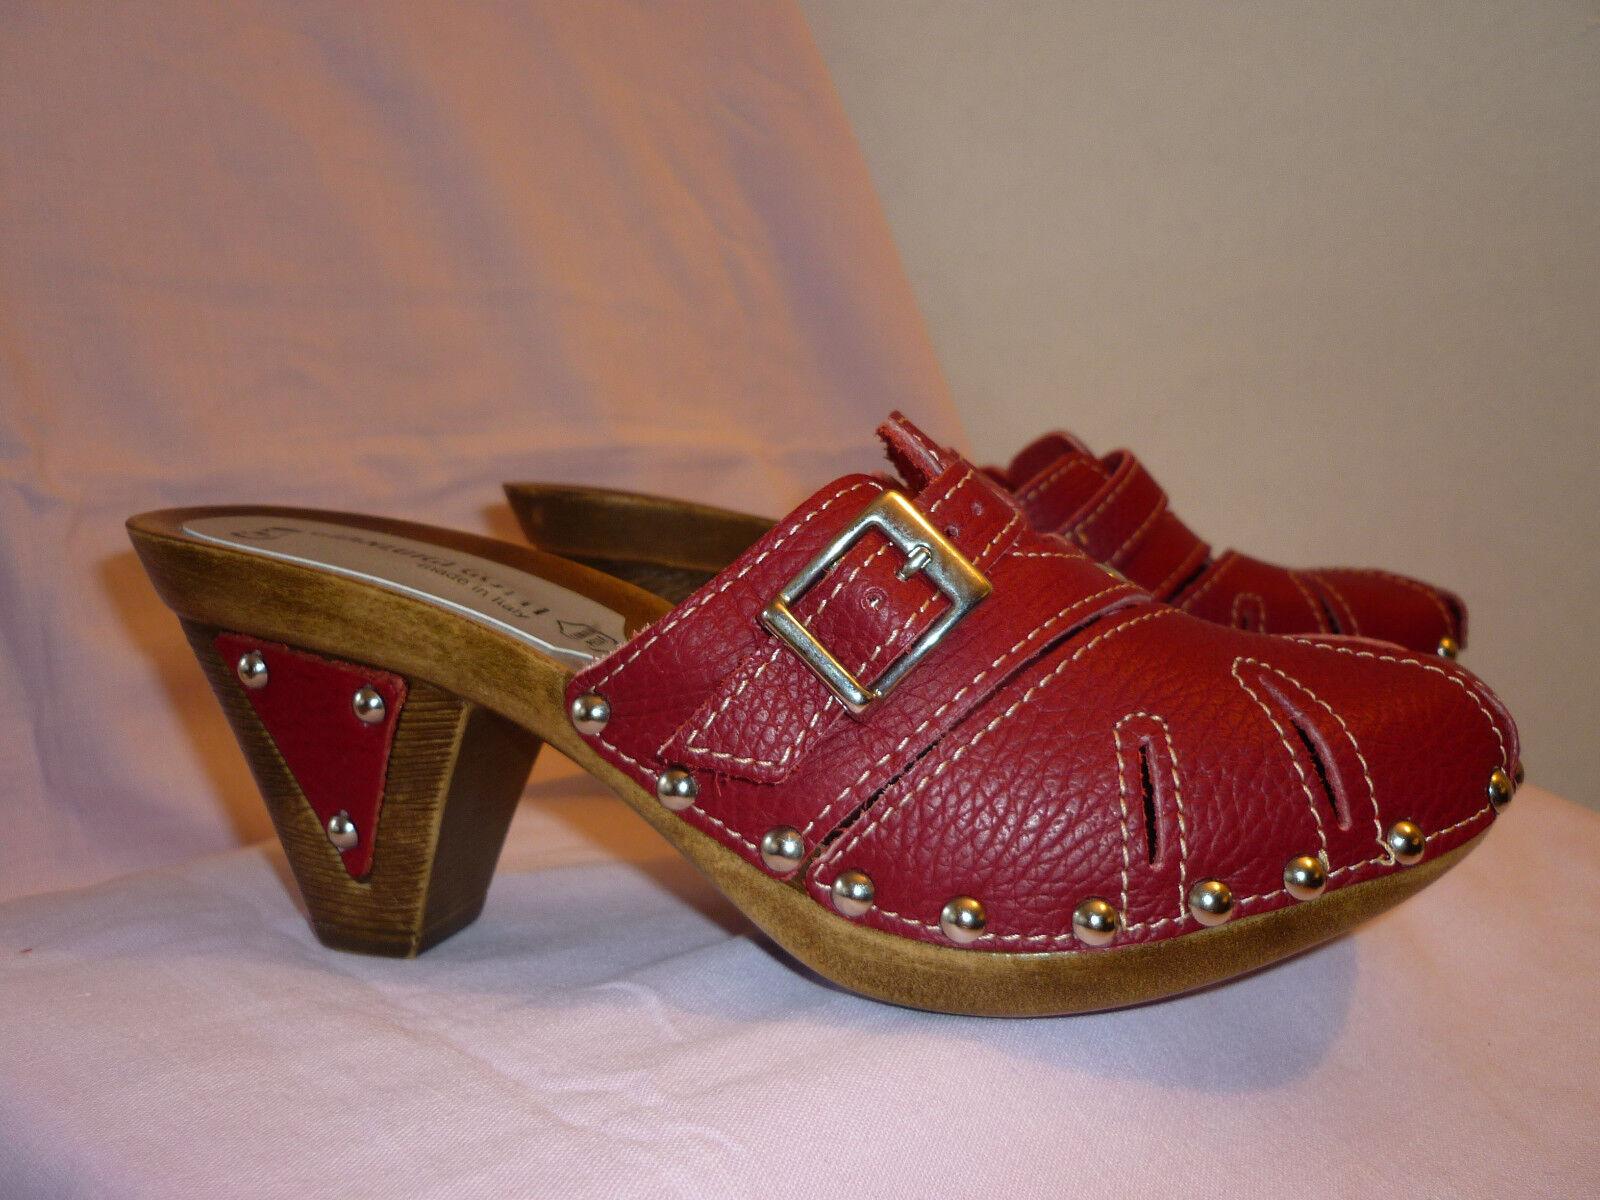 NEU  Gianluigi Gotti-extravagante wein-rote Pantolette Leder m.Nieten Gr.37 Abs.